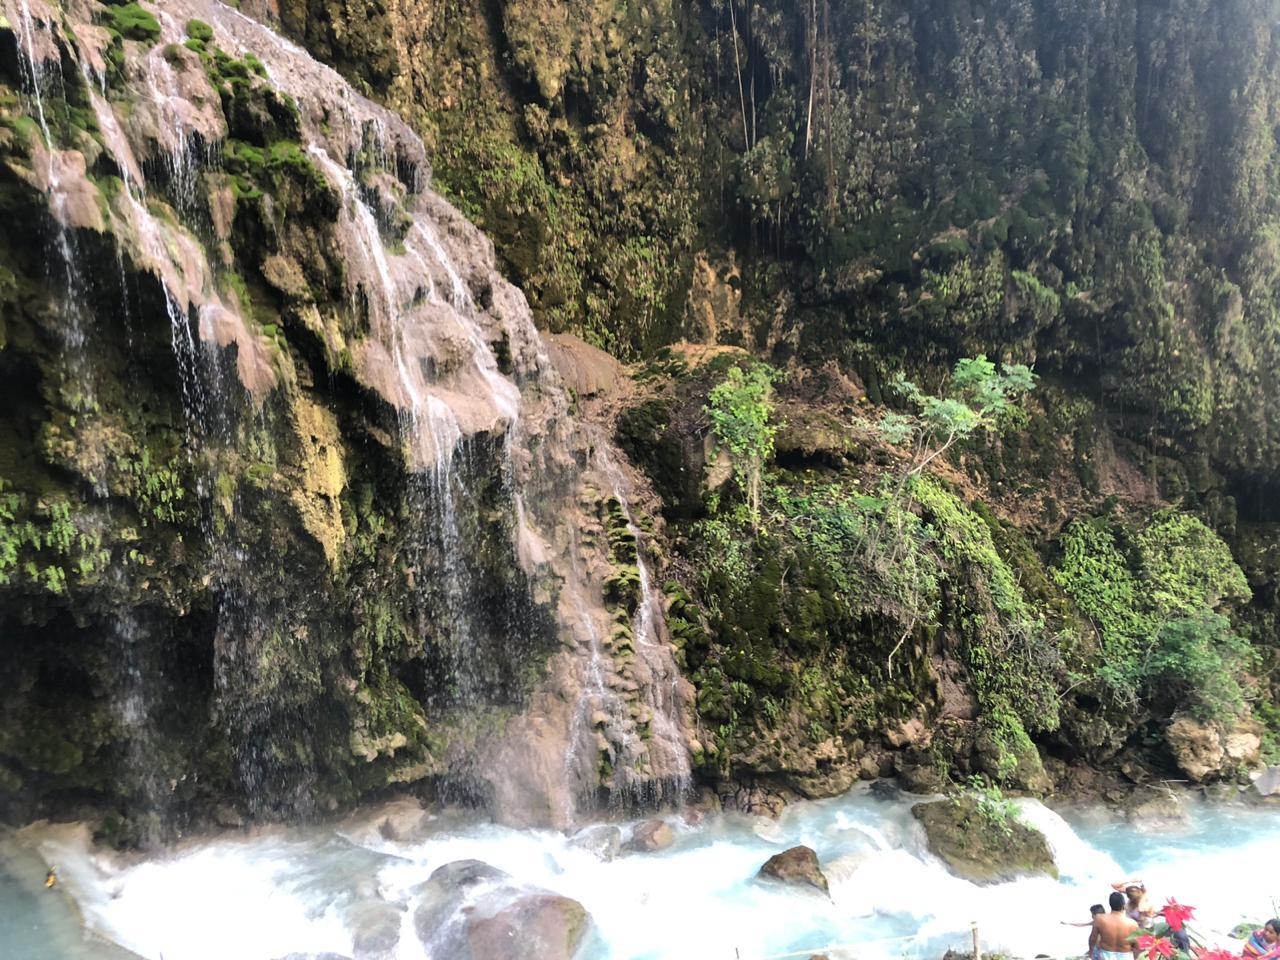 Los mágicos sitios que debes visitar en tu próxima excursión a Hidalgo